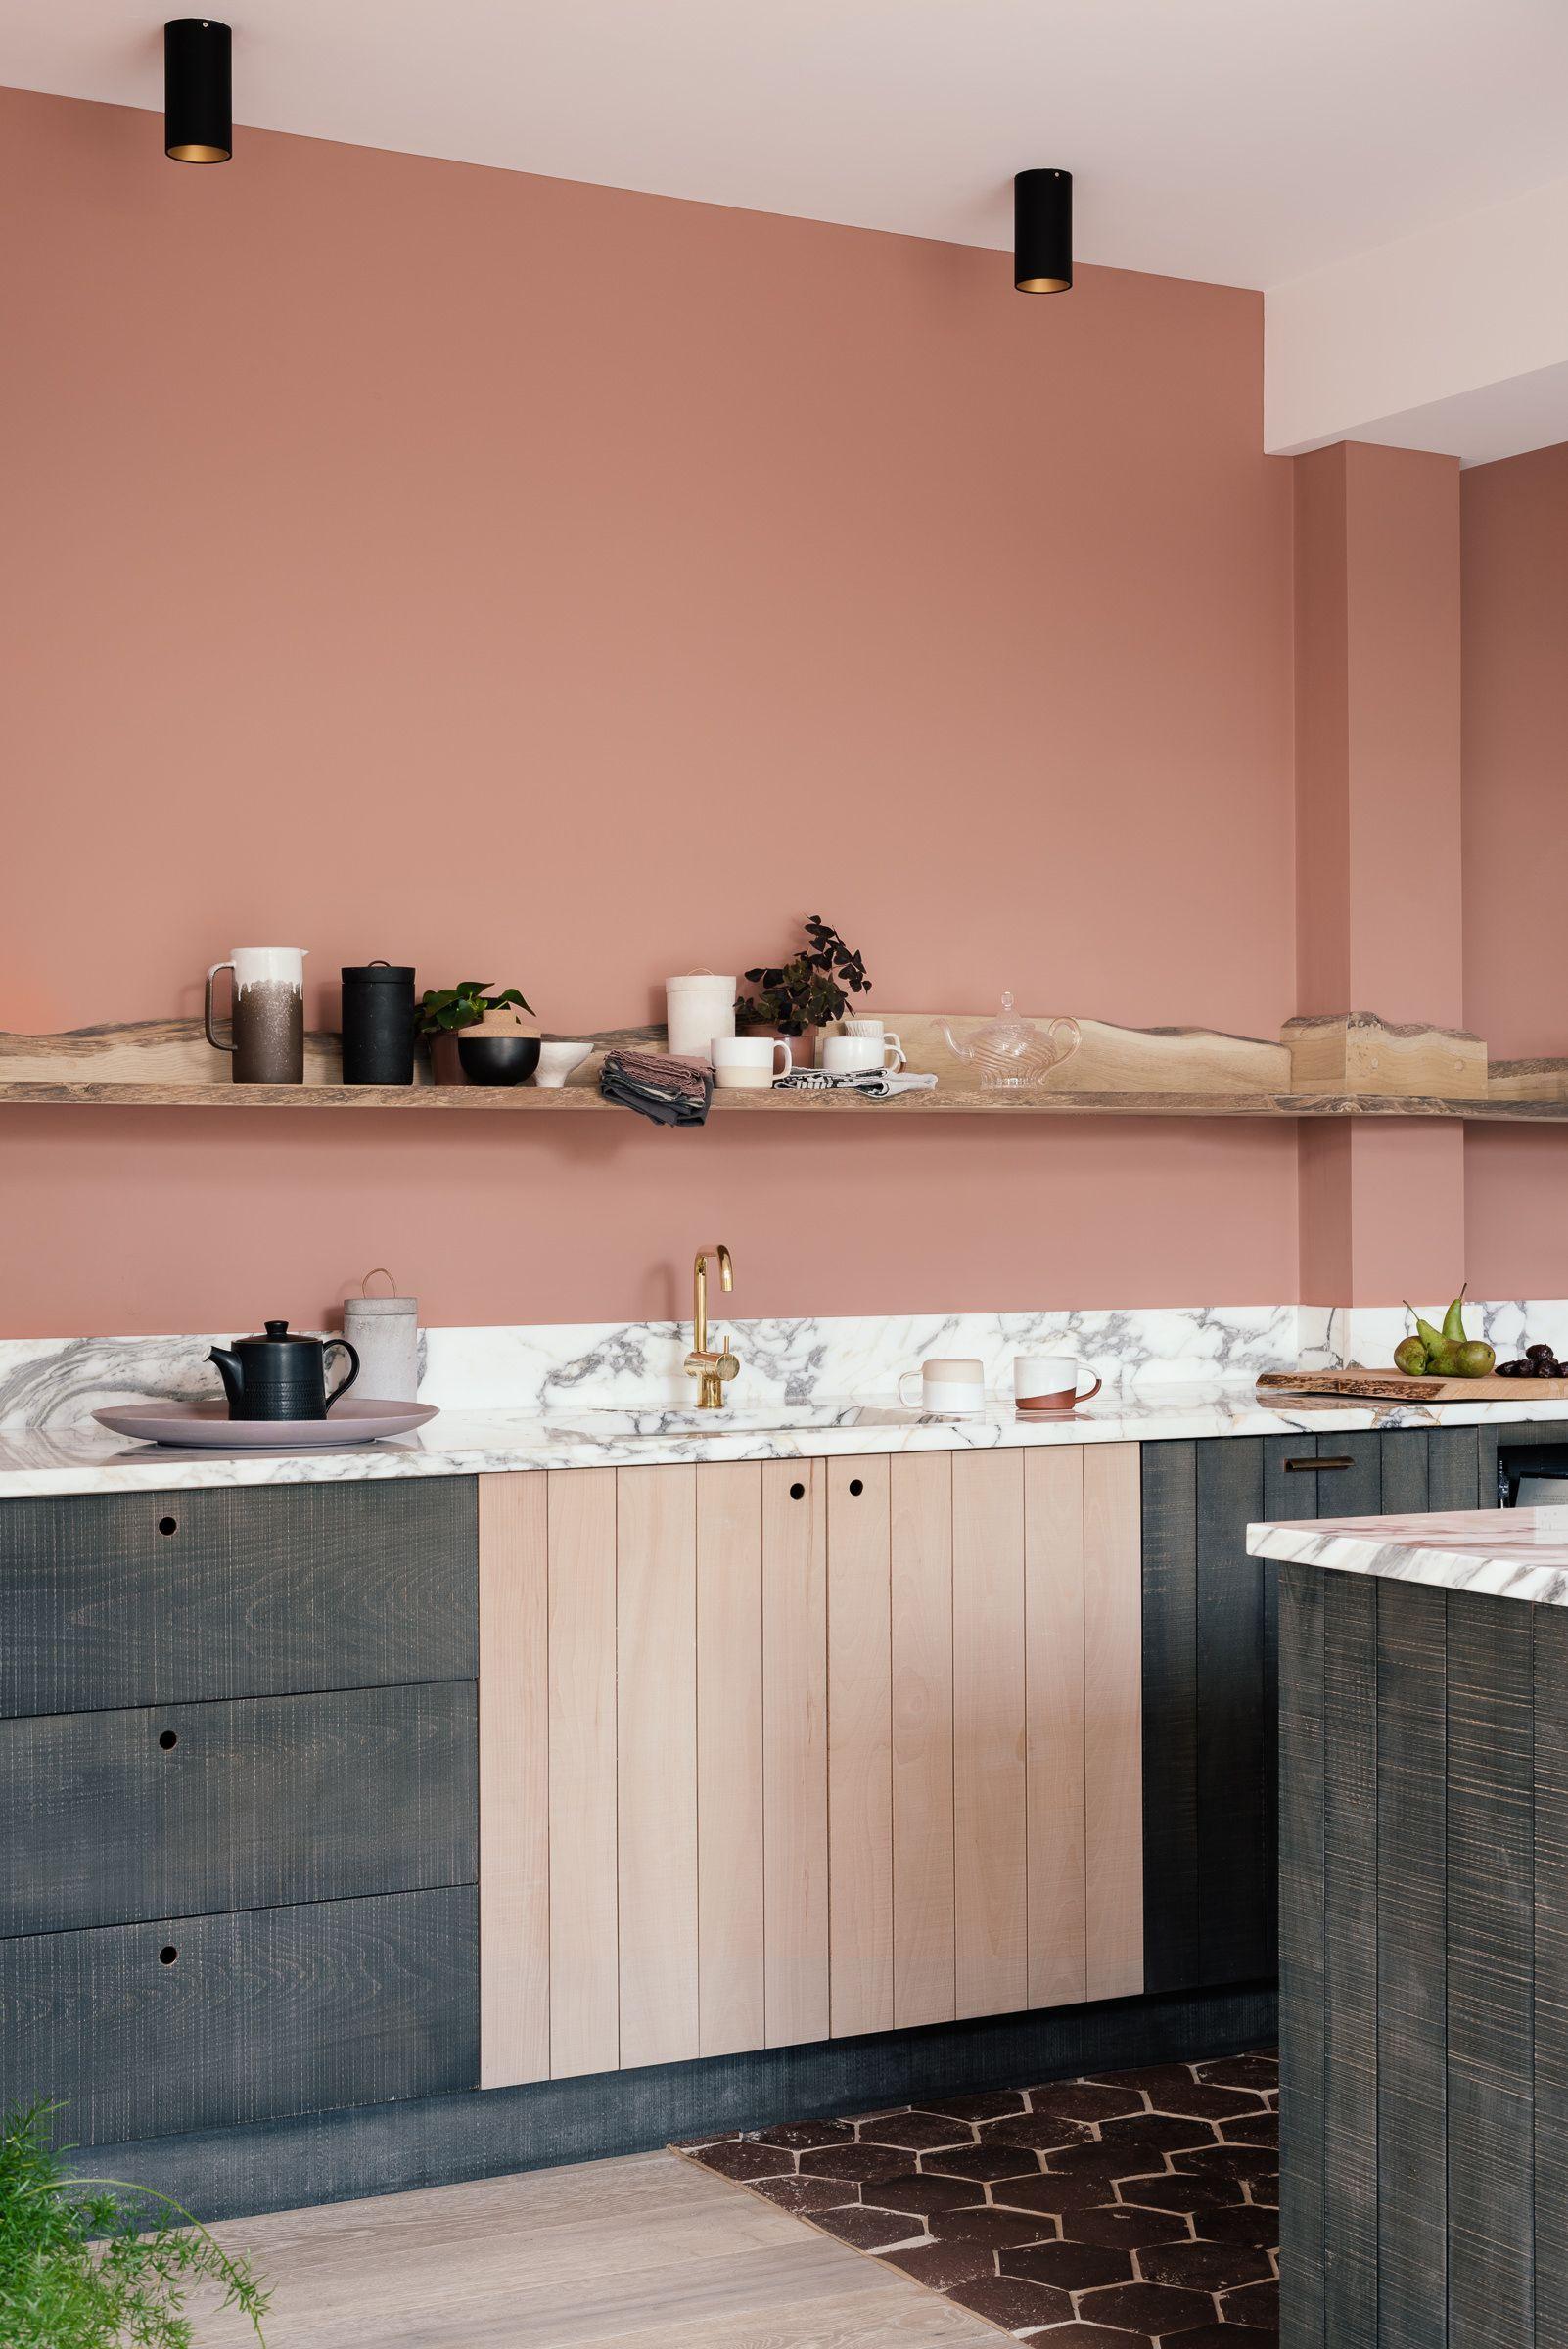 Groß Küchenschränke Design Südafrika Bilder - Küchenschrank Ideen ...